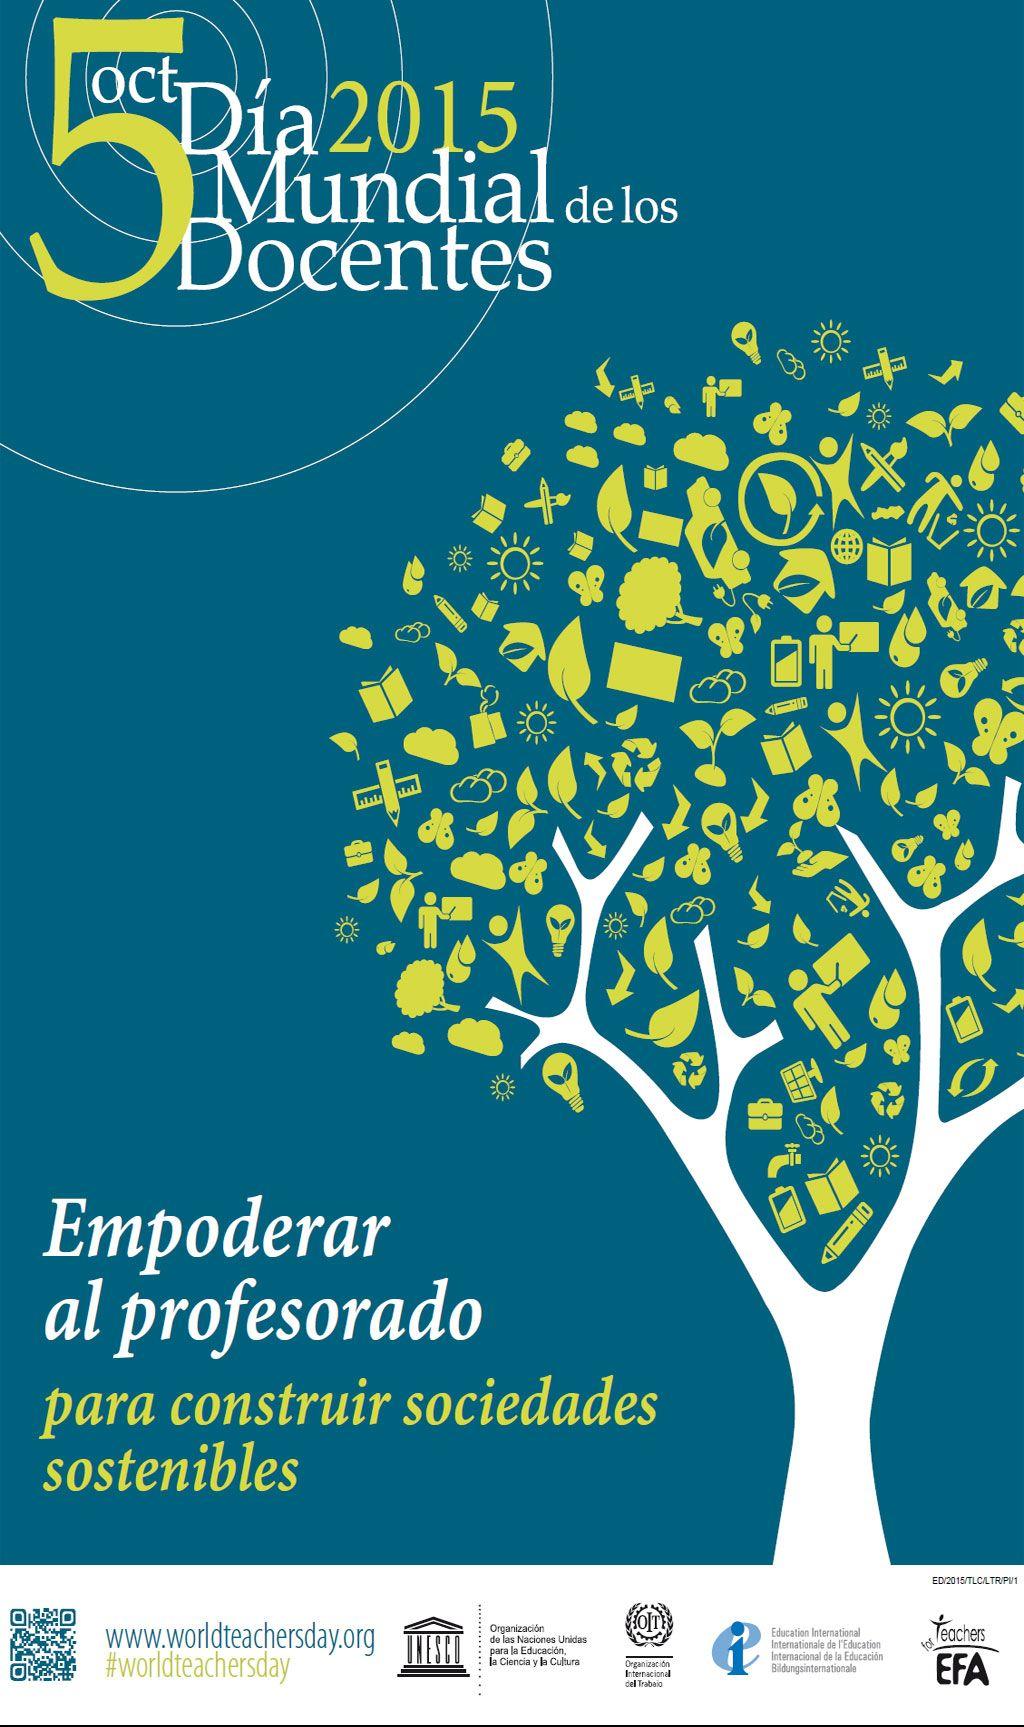 Dia Mundial Docente 2015